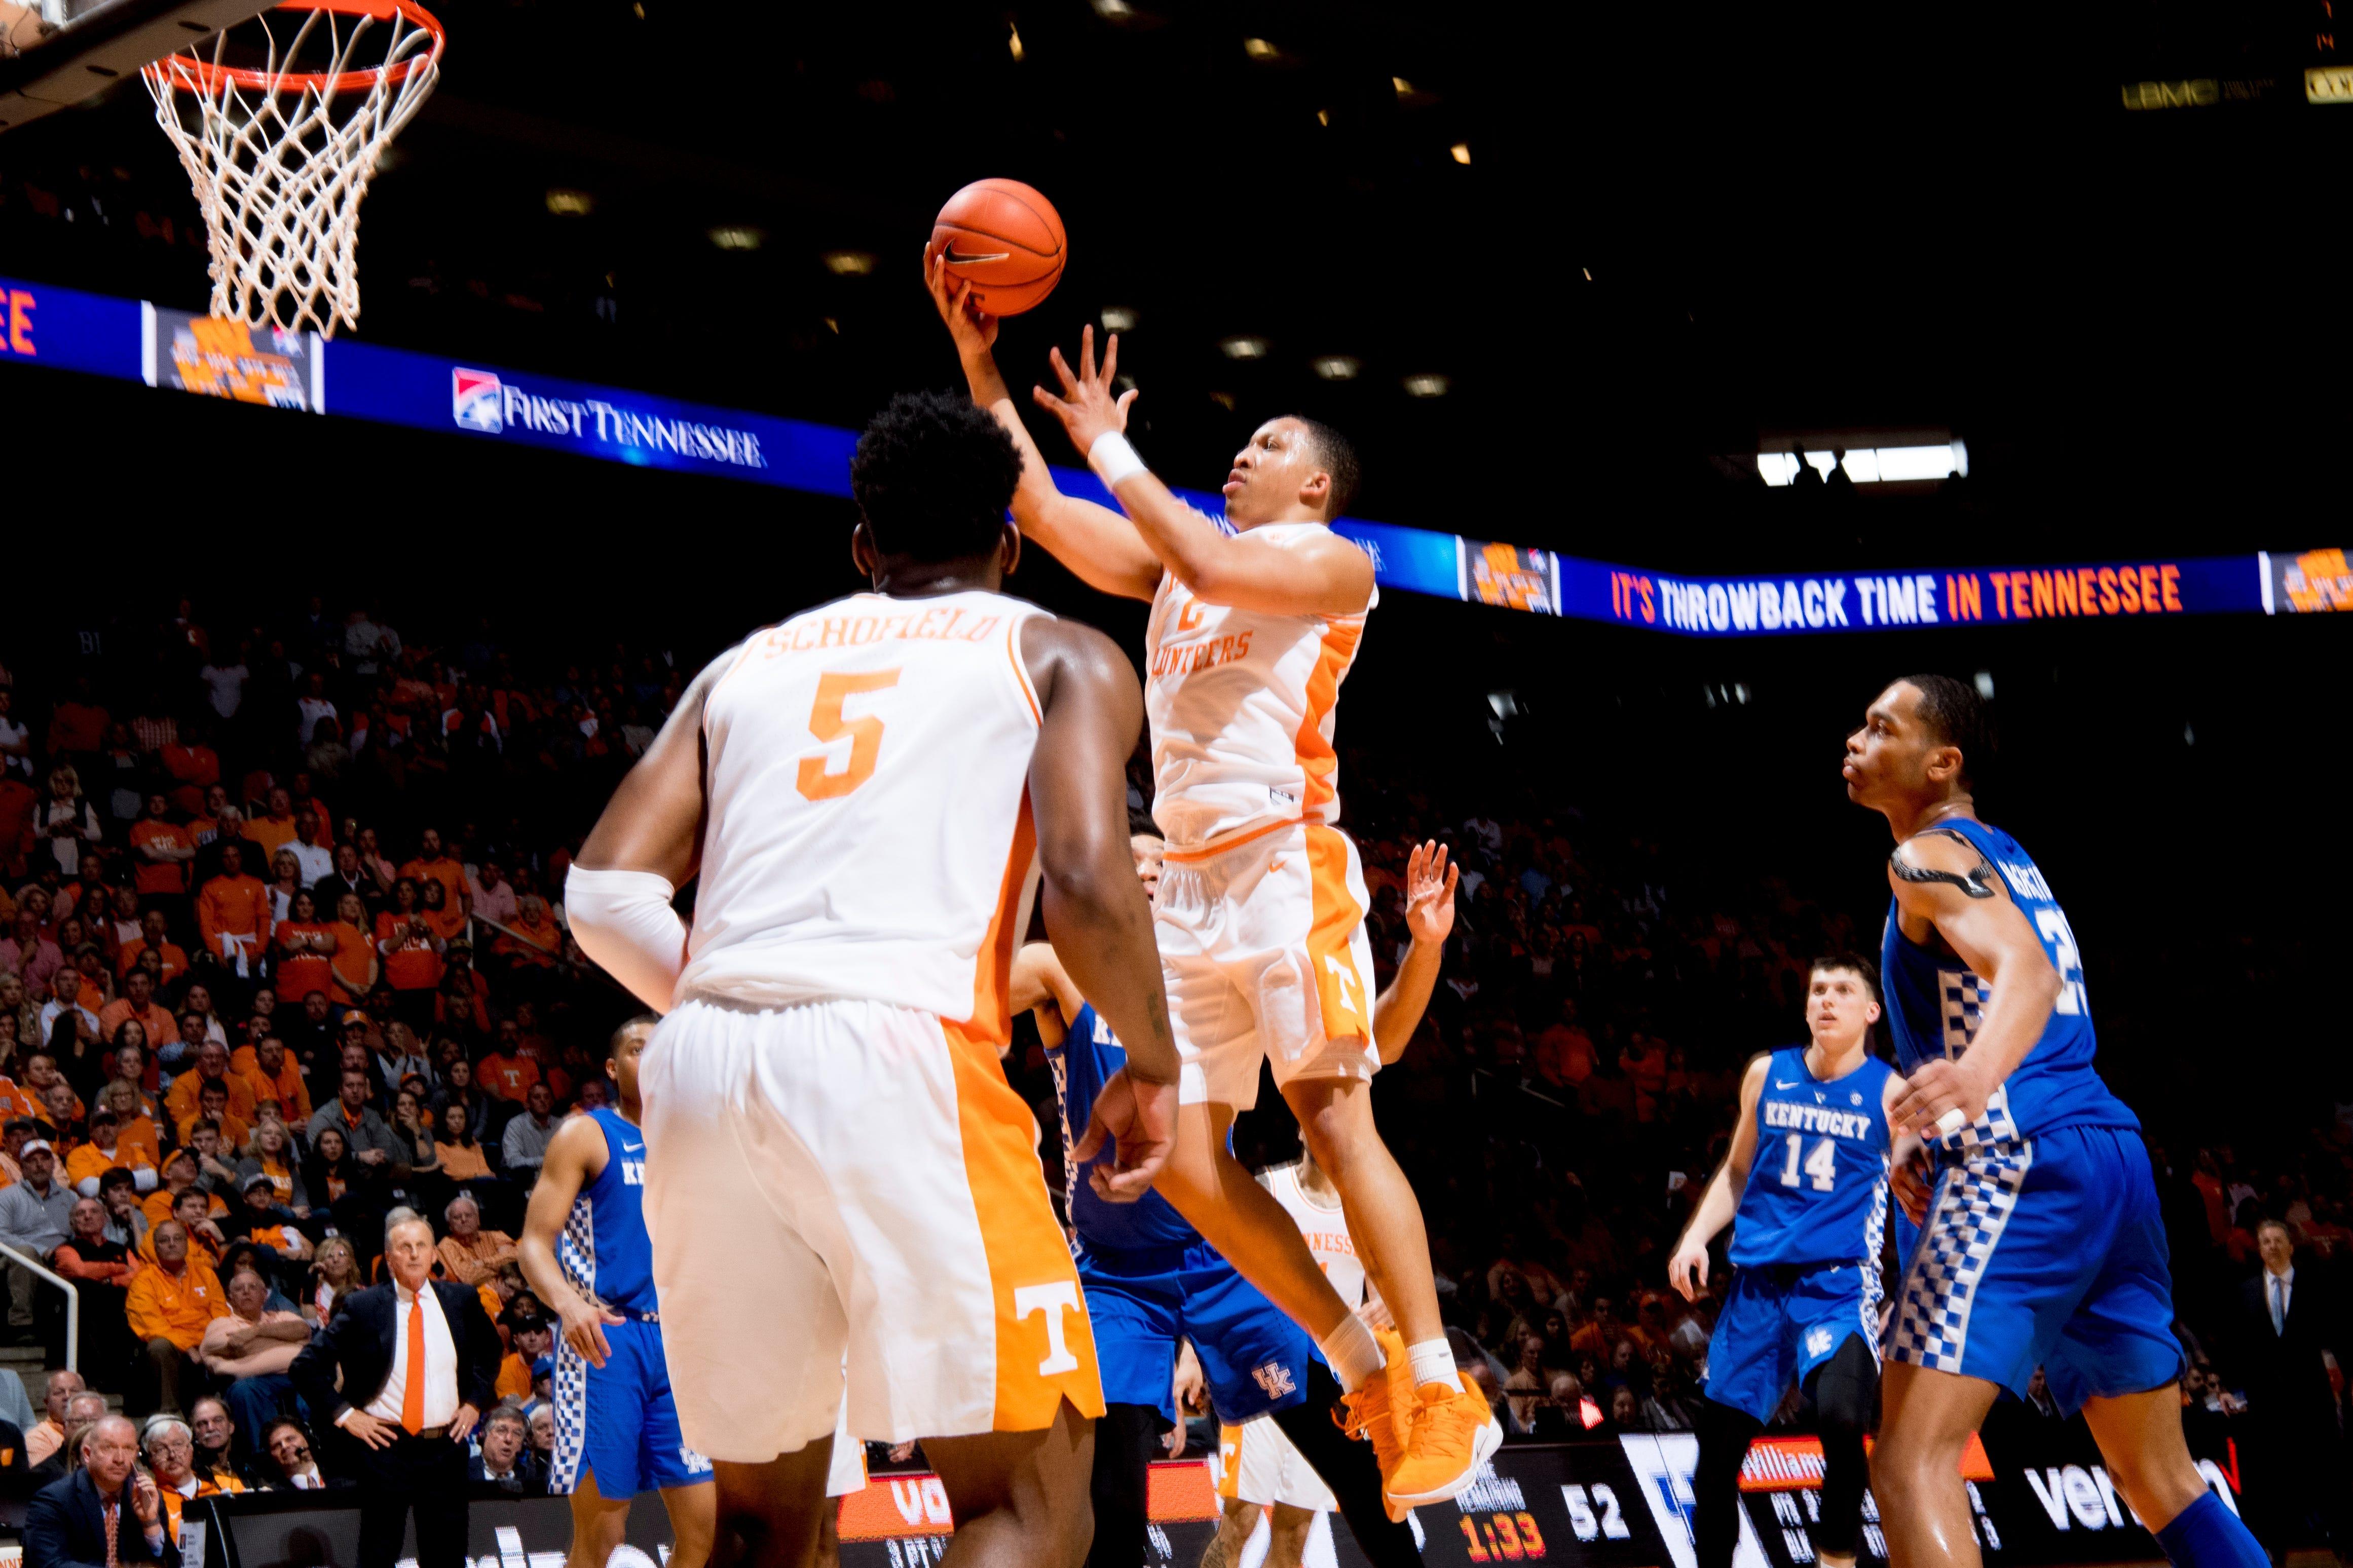 photograph regarding Printable Kentucky Basketball Schedule titled 2019 SEC mens basketball match bracket: Tennessee vs